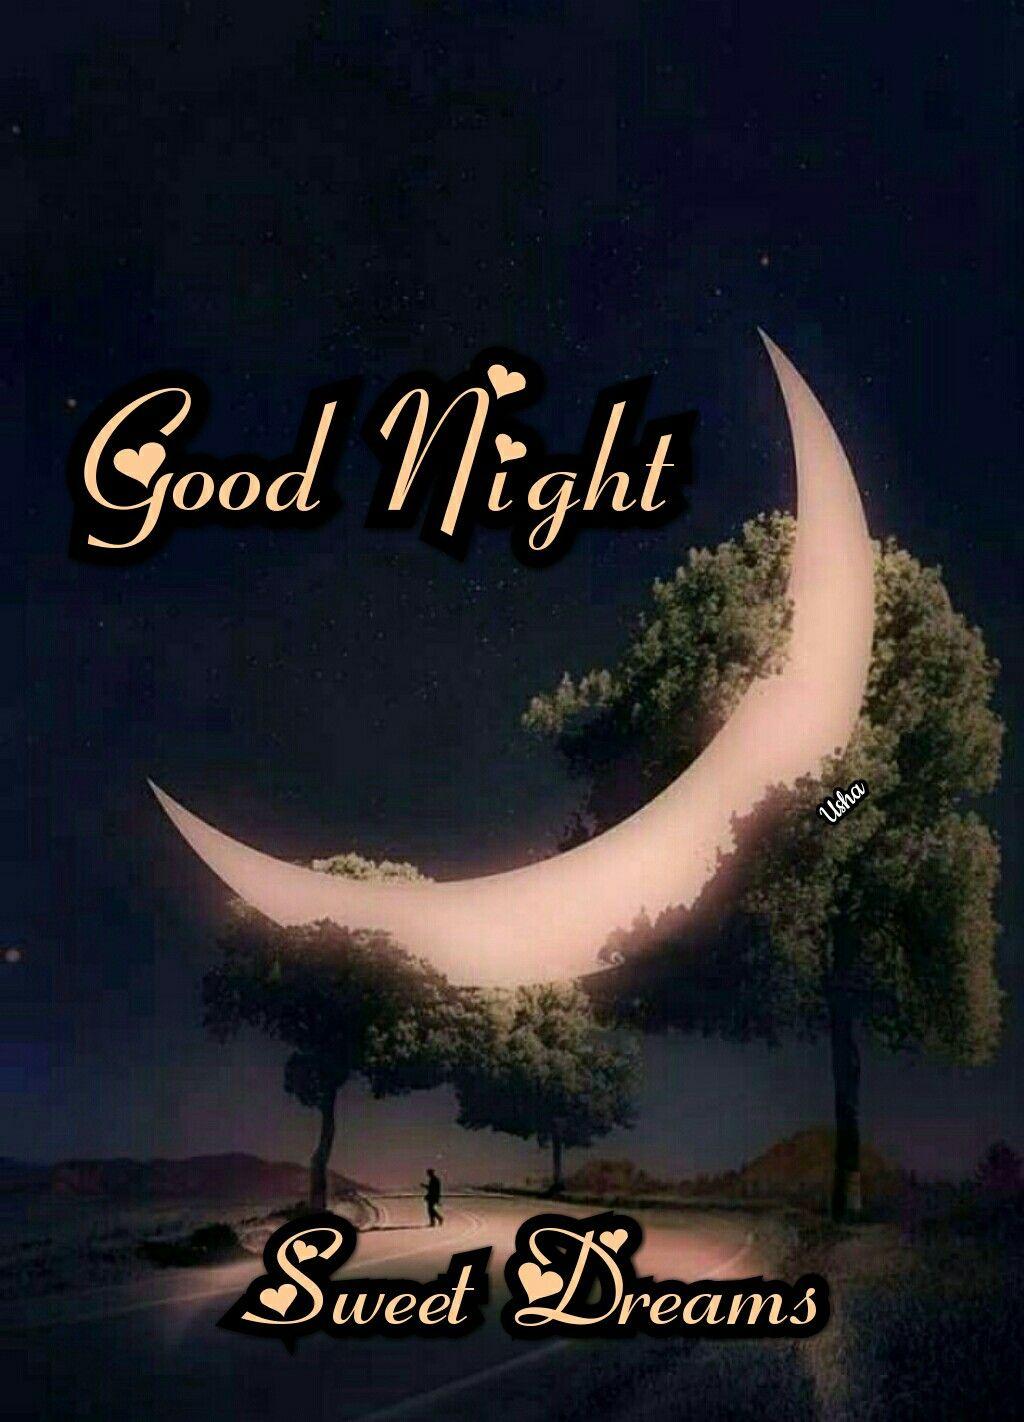 Good Night Beautiful Memes : night, beautiful, memes, Night..., Night, Images,, Prayer,, Beautiful, Images